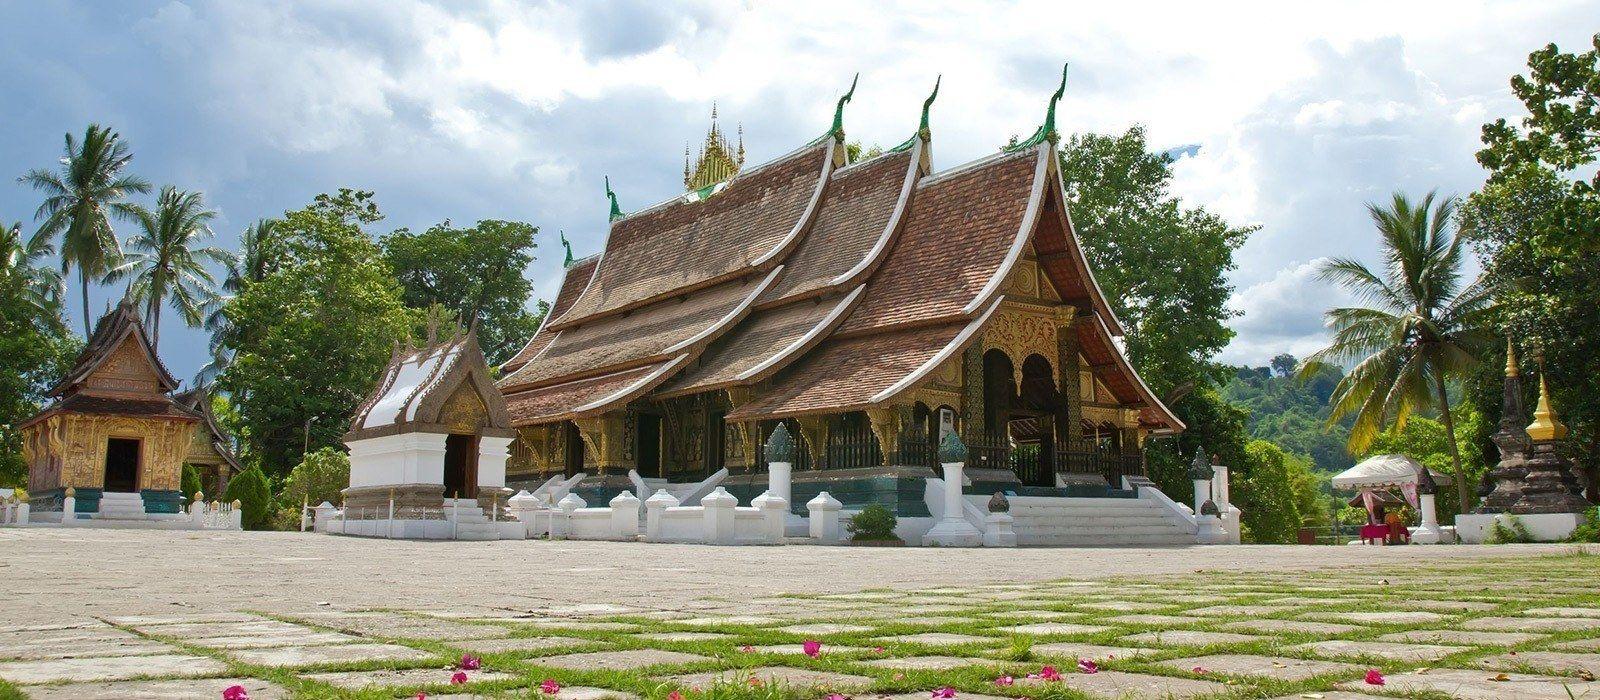 Zauberhafter Luxus in drei Ländern Asiens Urlaub 5